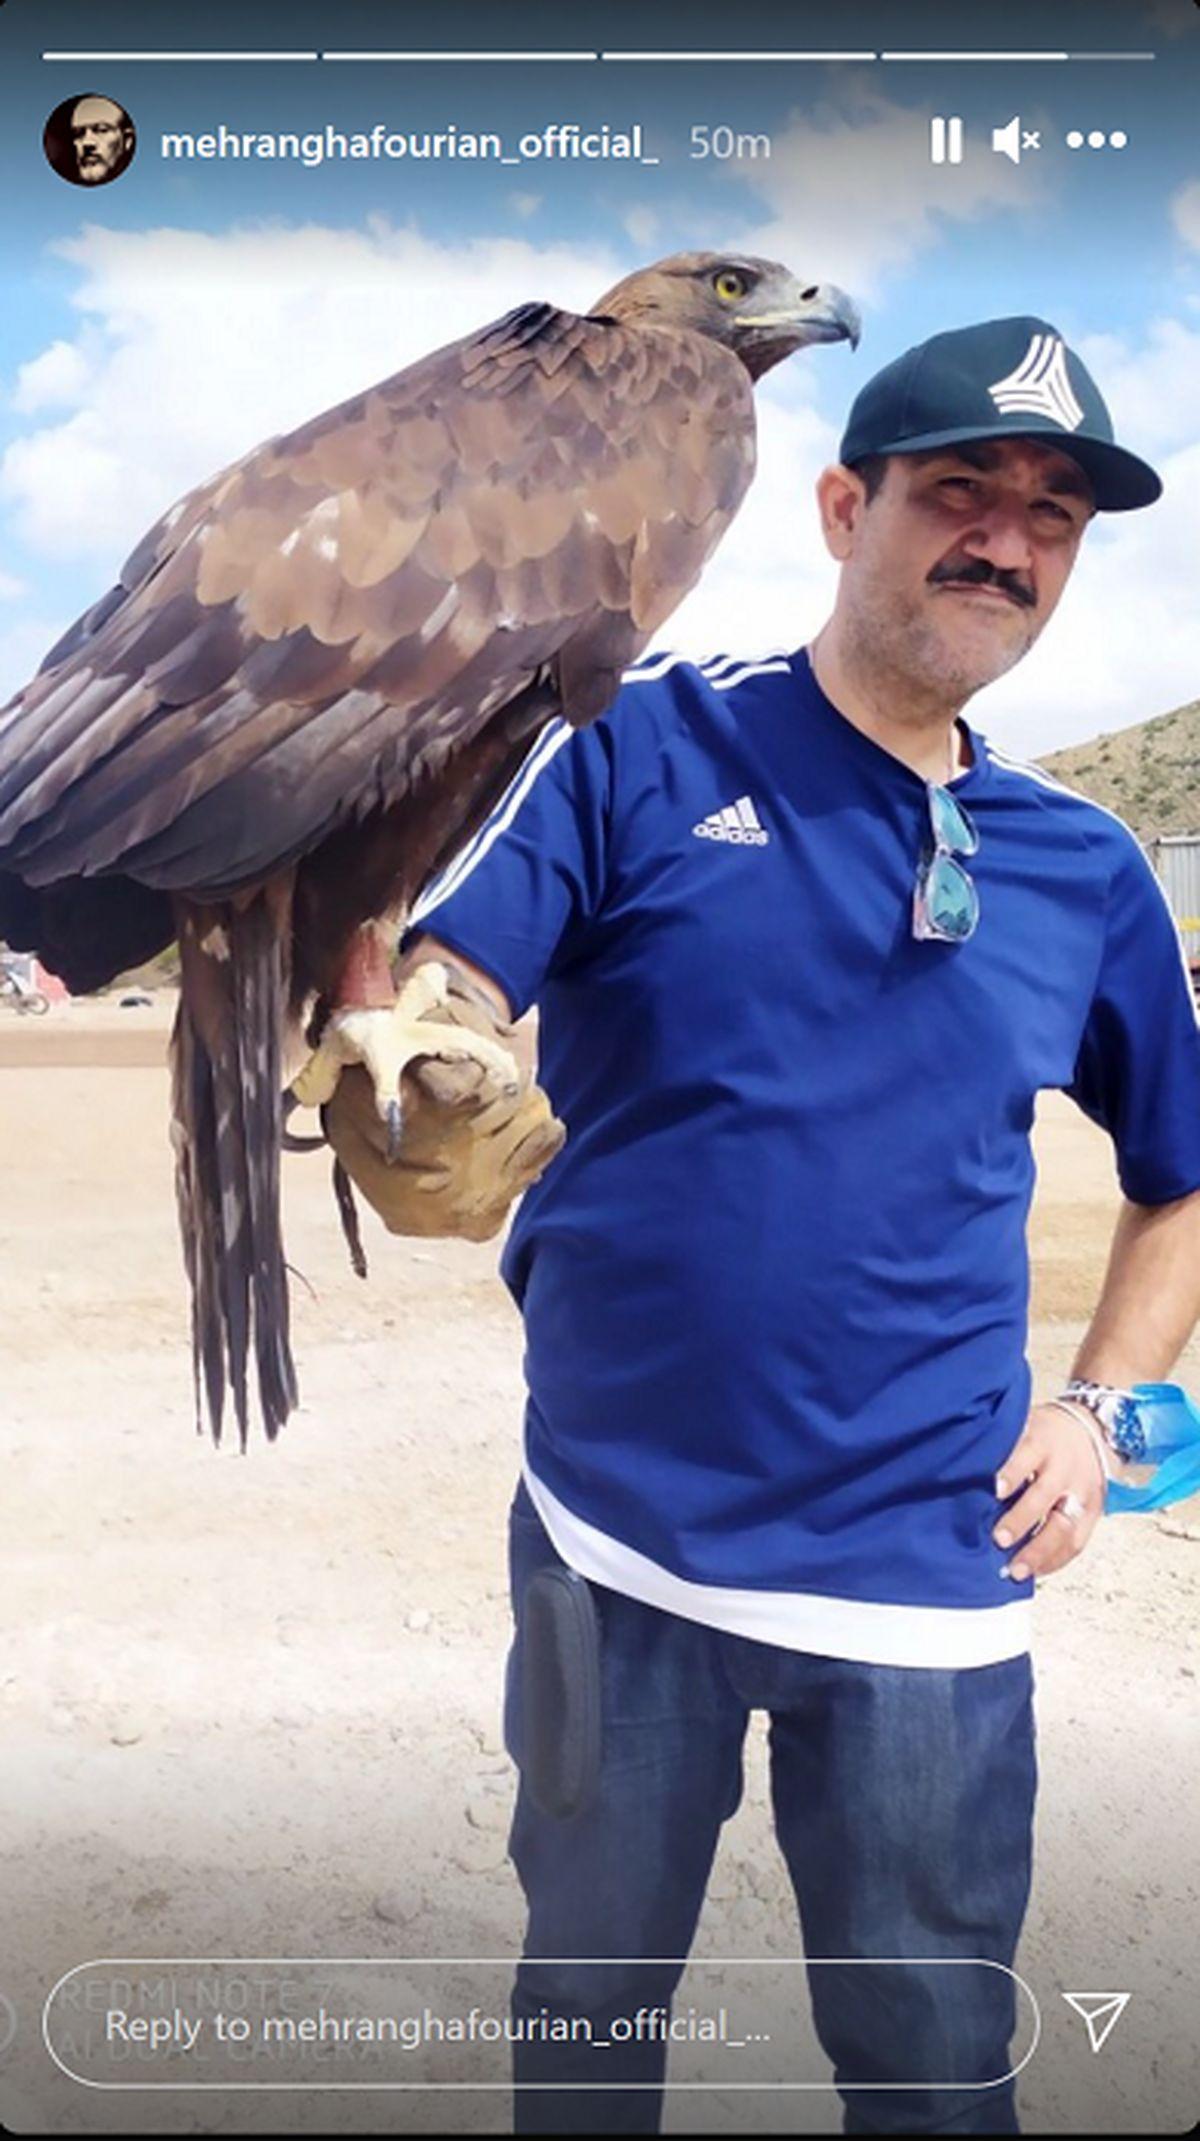 عکس عجیب و غریب مهران غفوریان با عقاب غول پیکر !